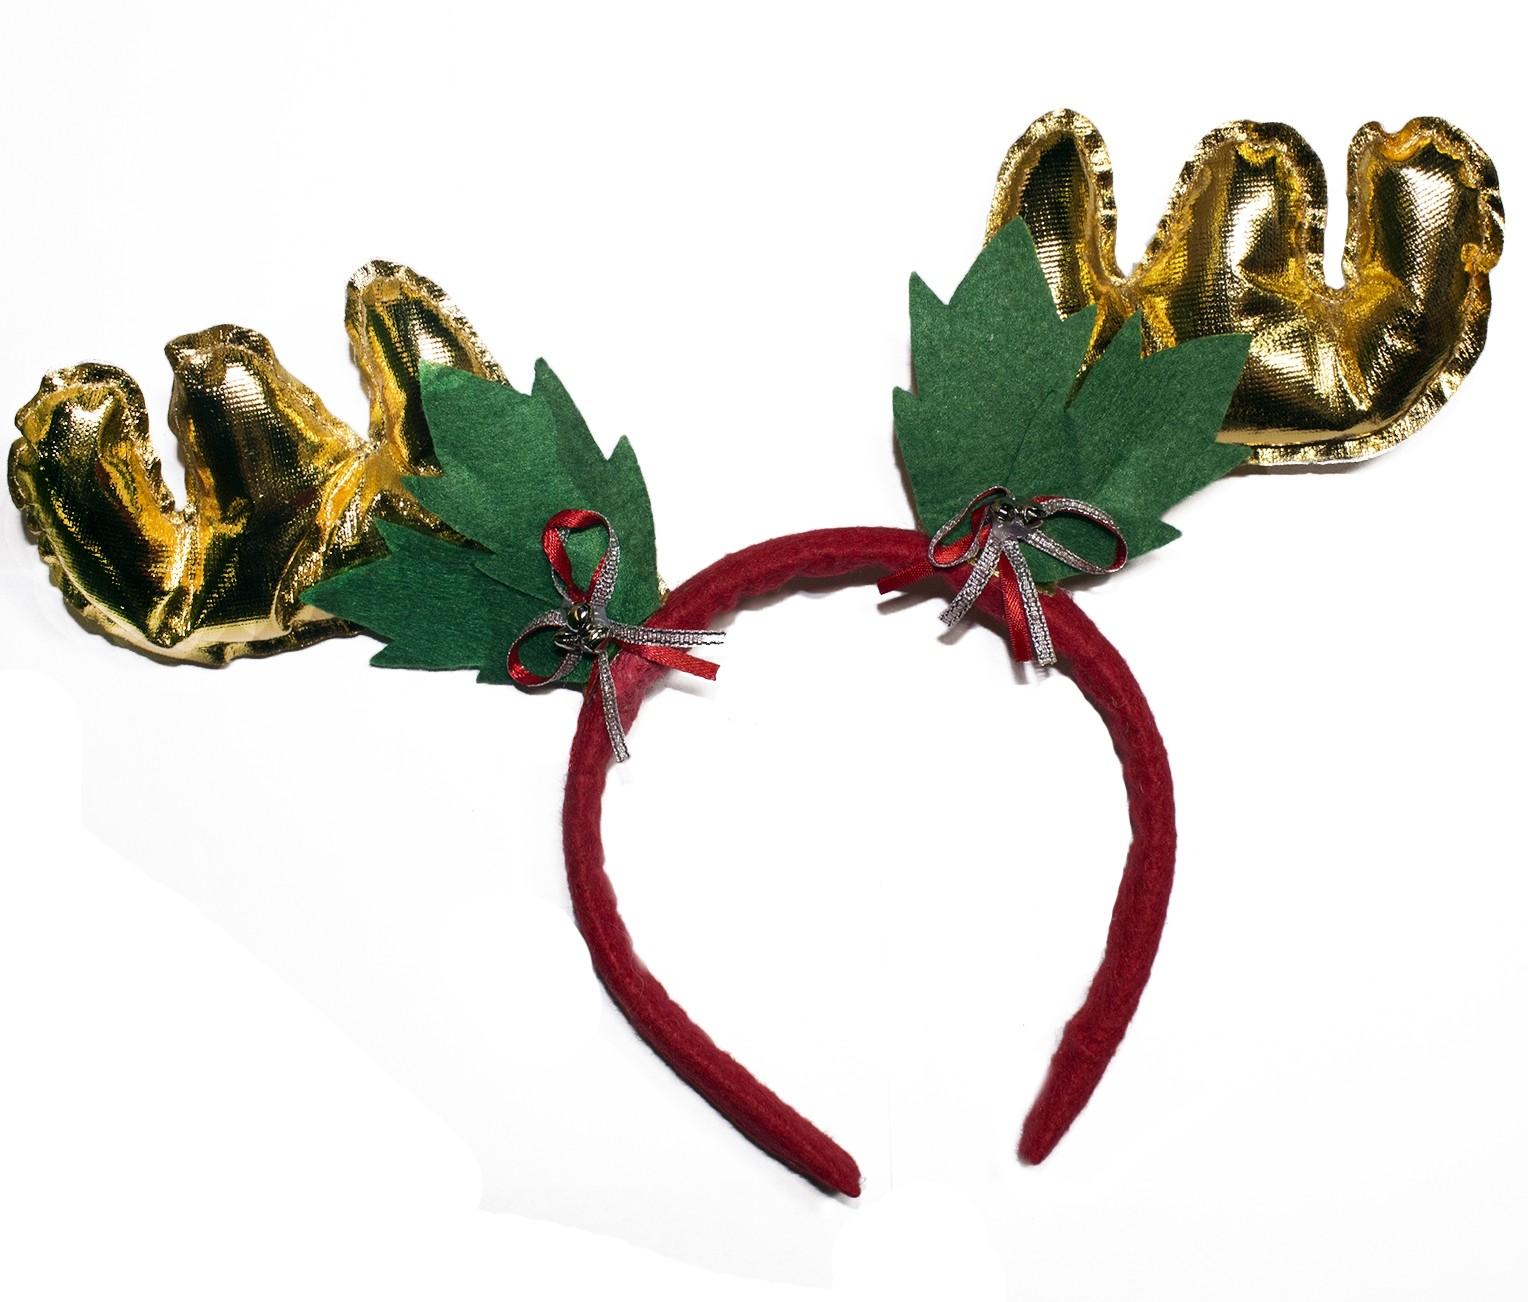 Новогодние оленьи рожки золотистые - Аксессуары на Новый год 2017